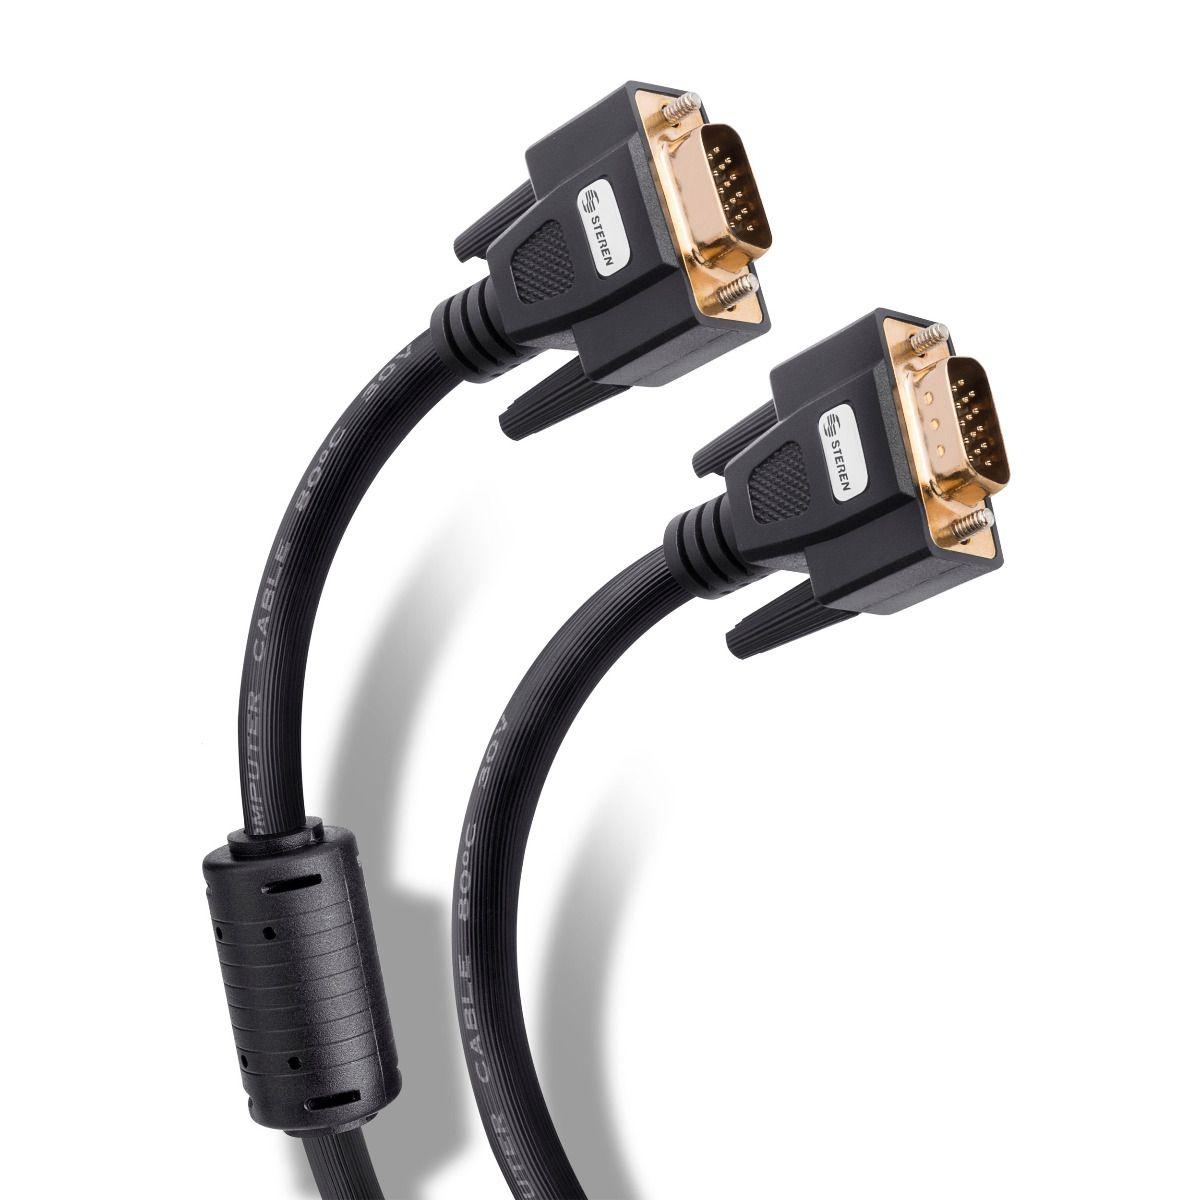 cable-elite-vga-de-15-m-con-conectores-dorados.jpg